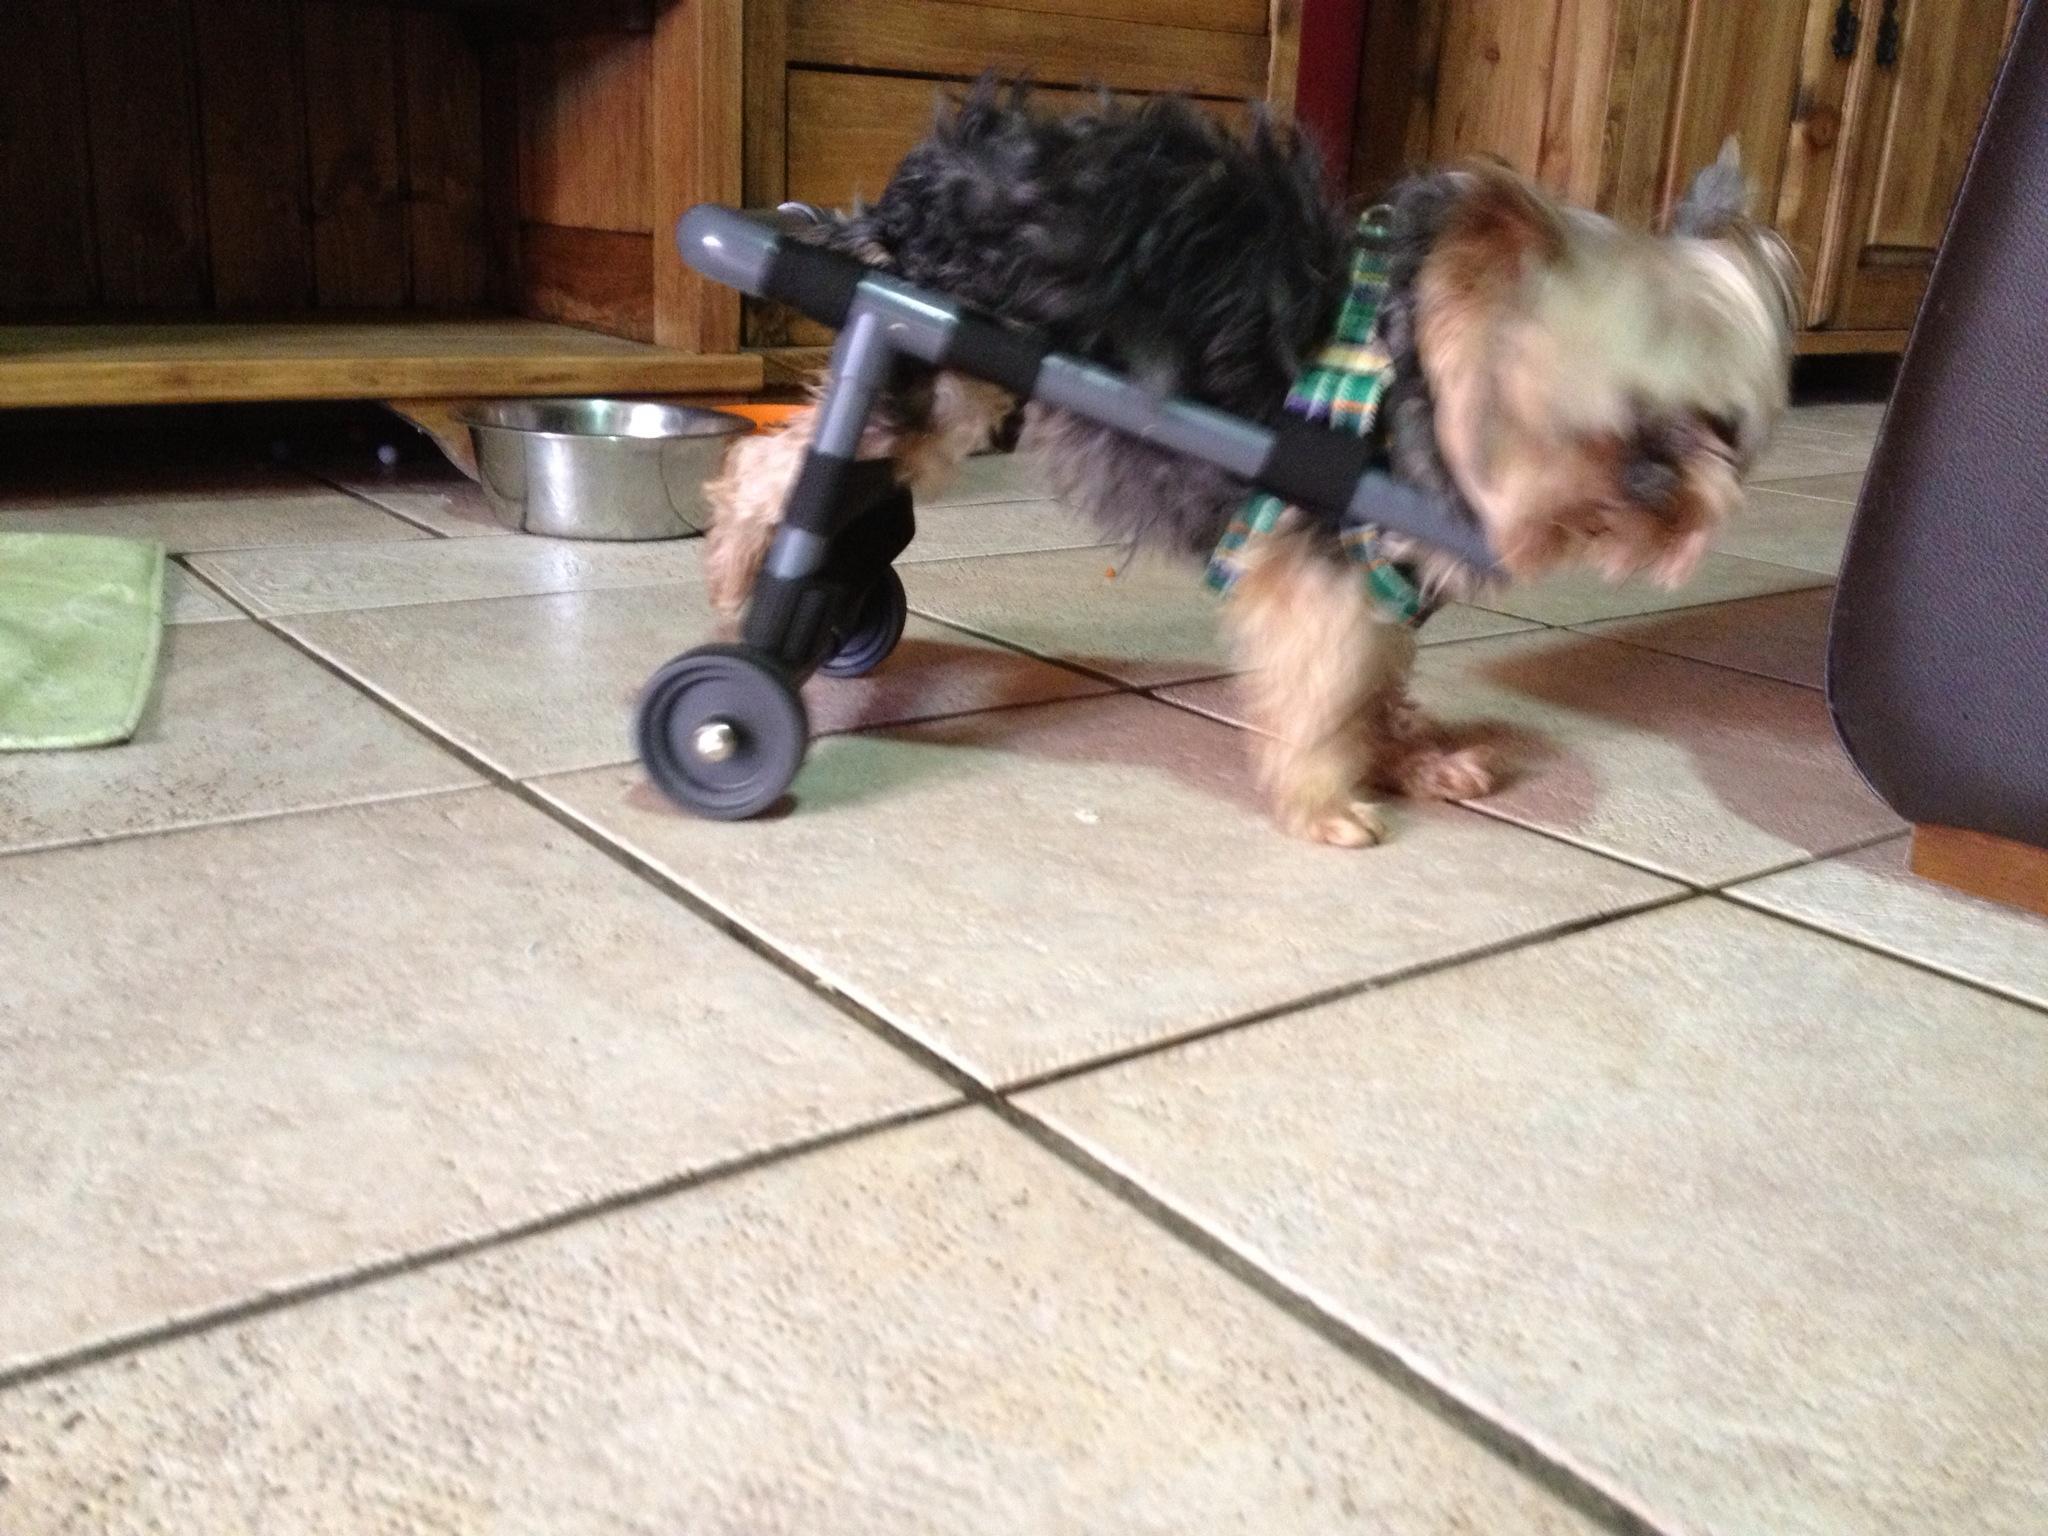 Sillas de ruedas para perros la neblina for Sillas para perros